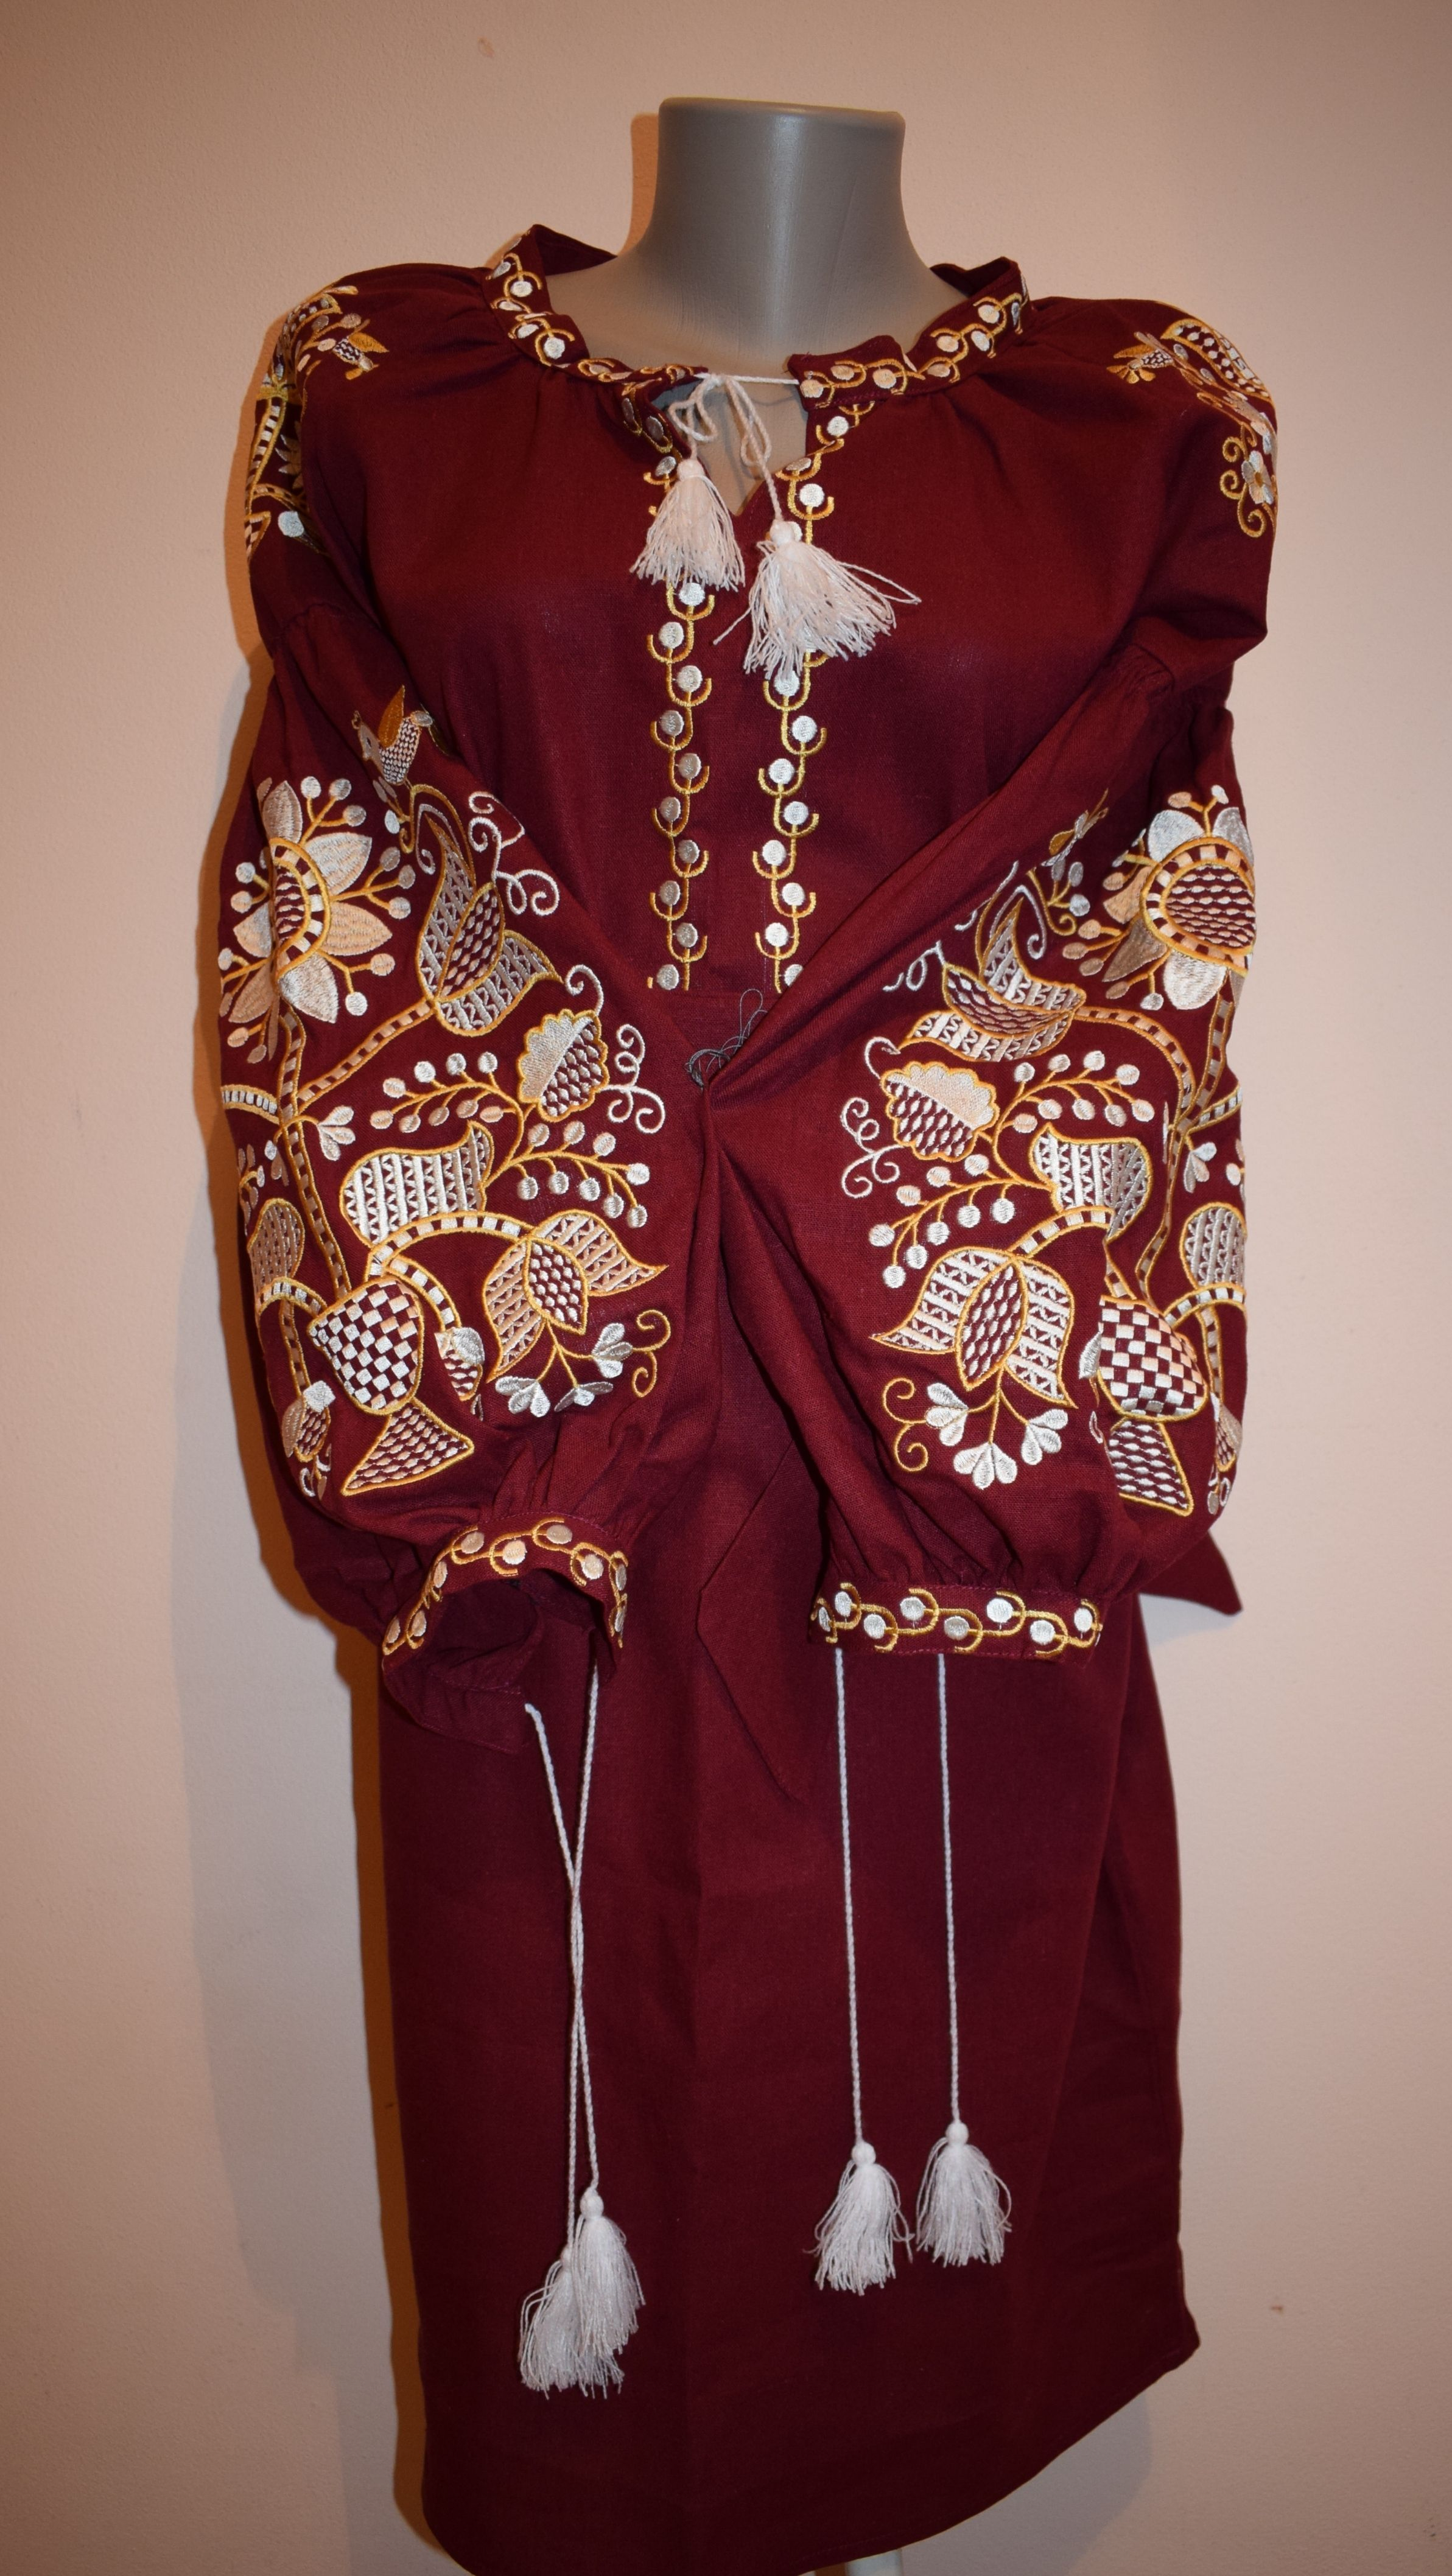 7f3f61f1fa5e9b Вишита сукня завдовжки до коліна з довгими пишними рукавами. Модель  виготовлена з натуральної тканини, добре пропускає повітря та вбирає вологу.